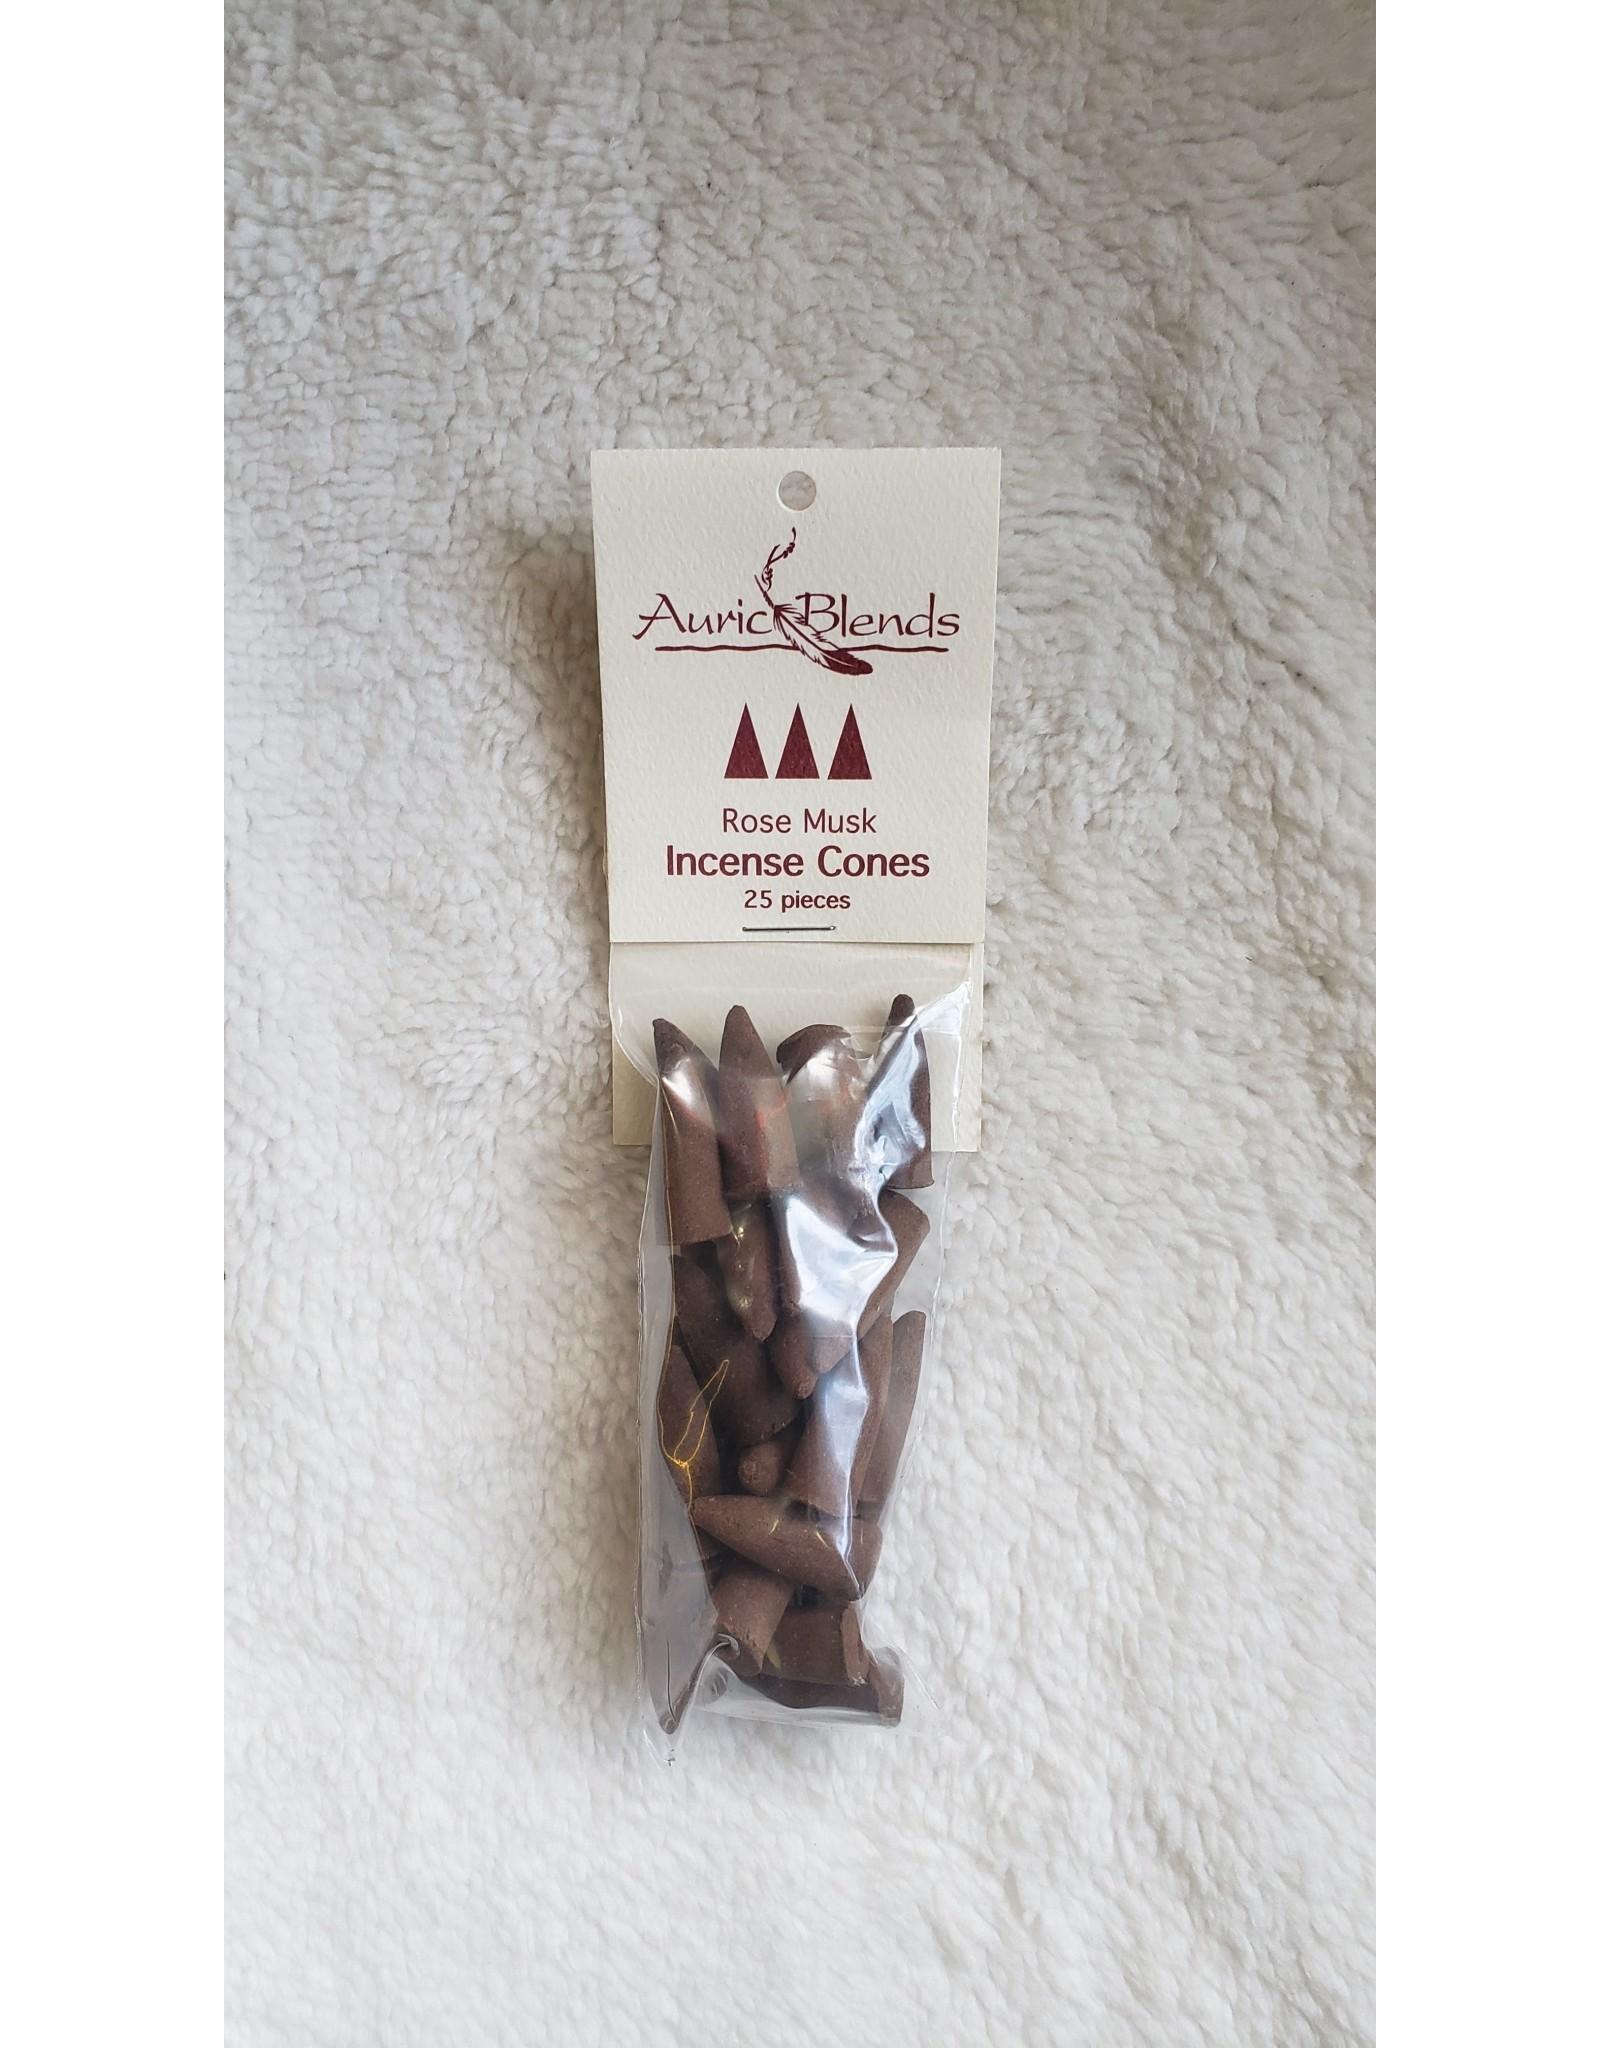 Rose Musk Incense Cones - 25 pc.